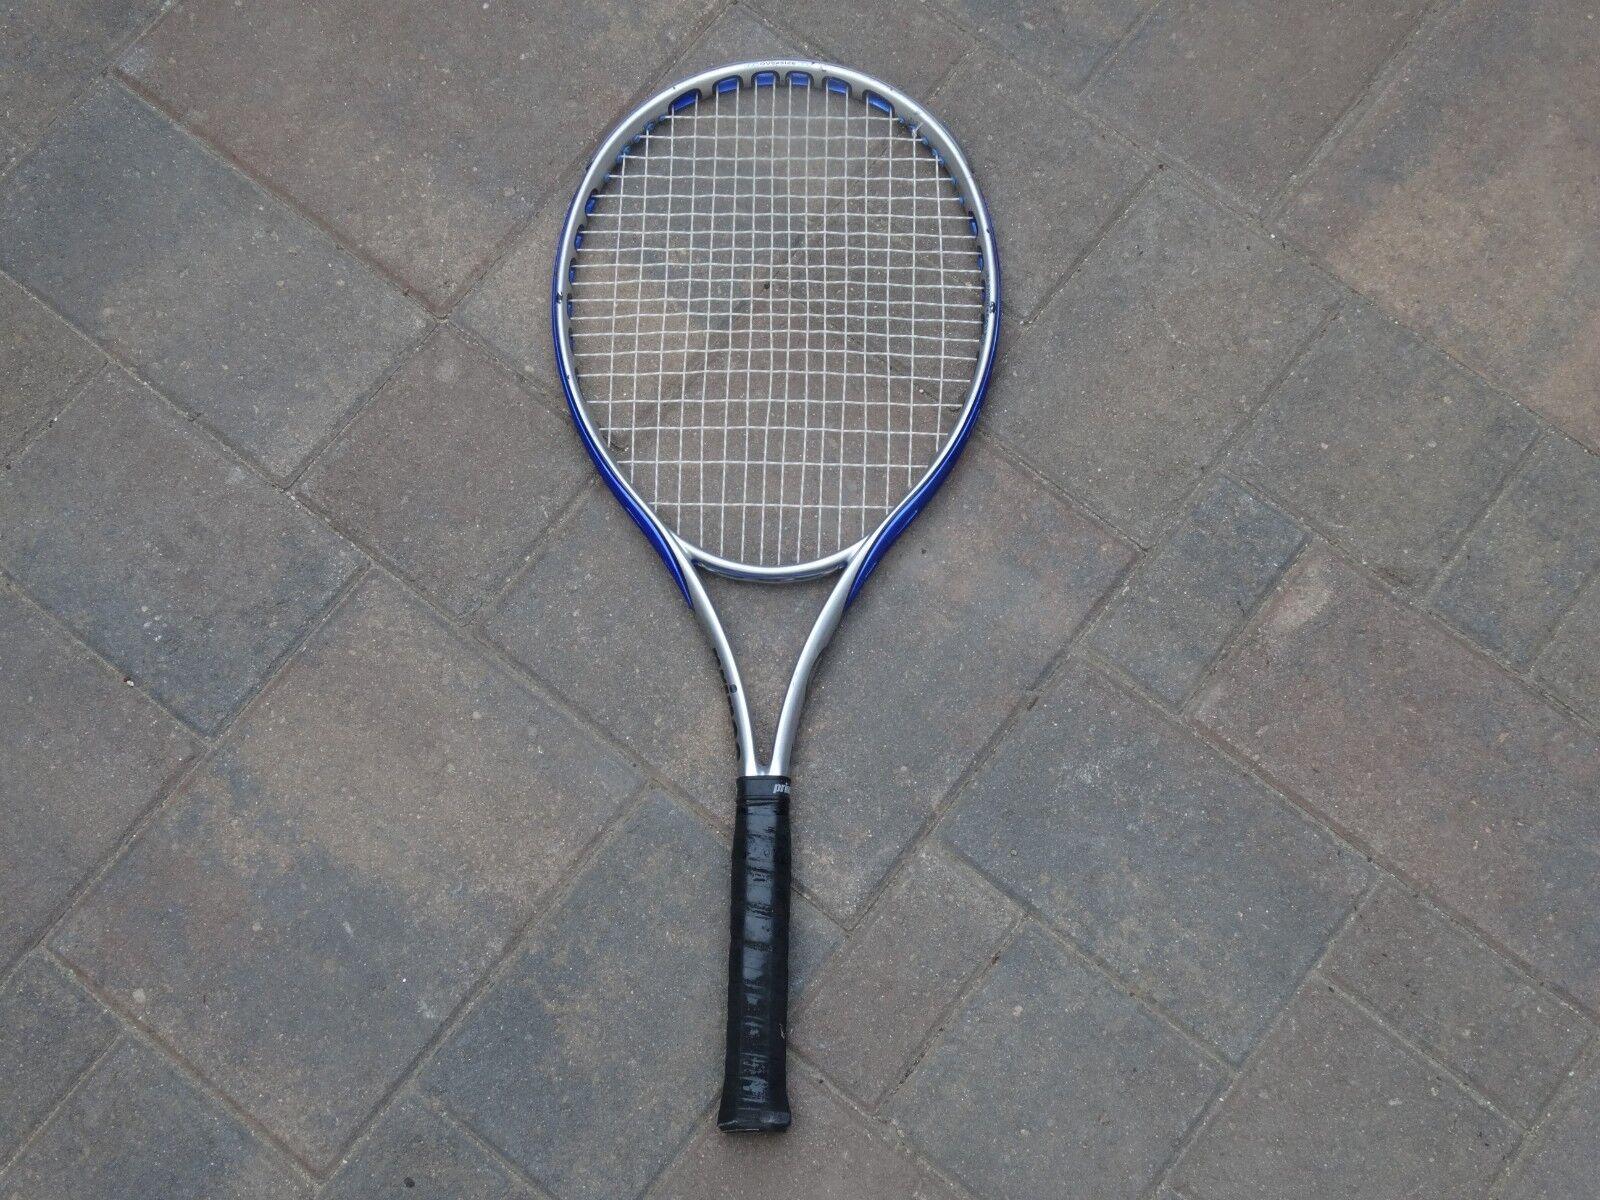 Prince O3 Speedport Azul 110 tenis raqueta 3 (4 3 8) Raqueta Prince Usado